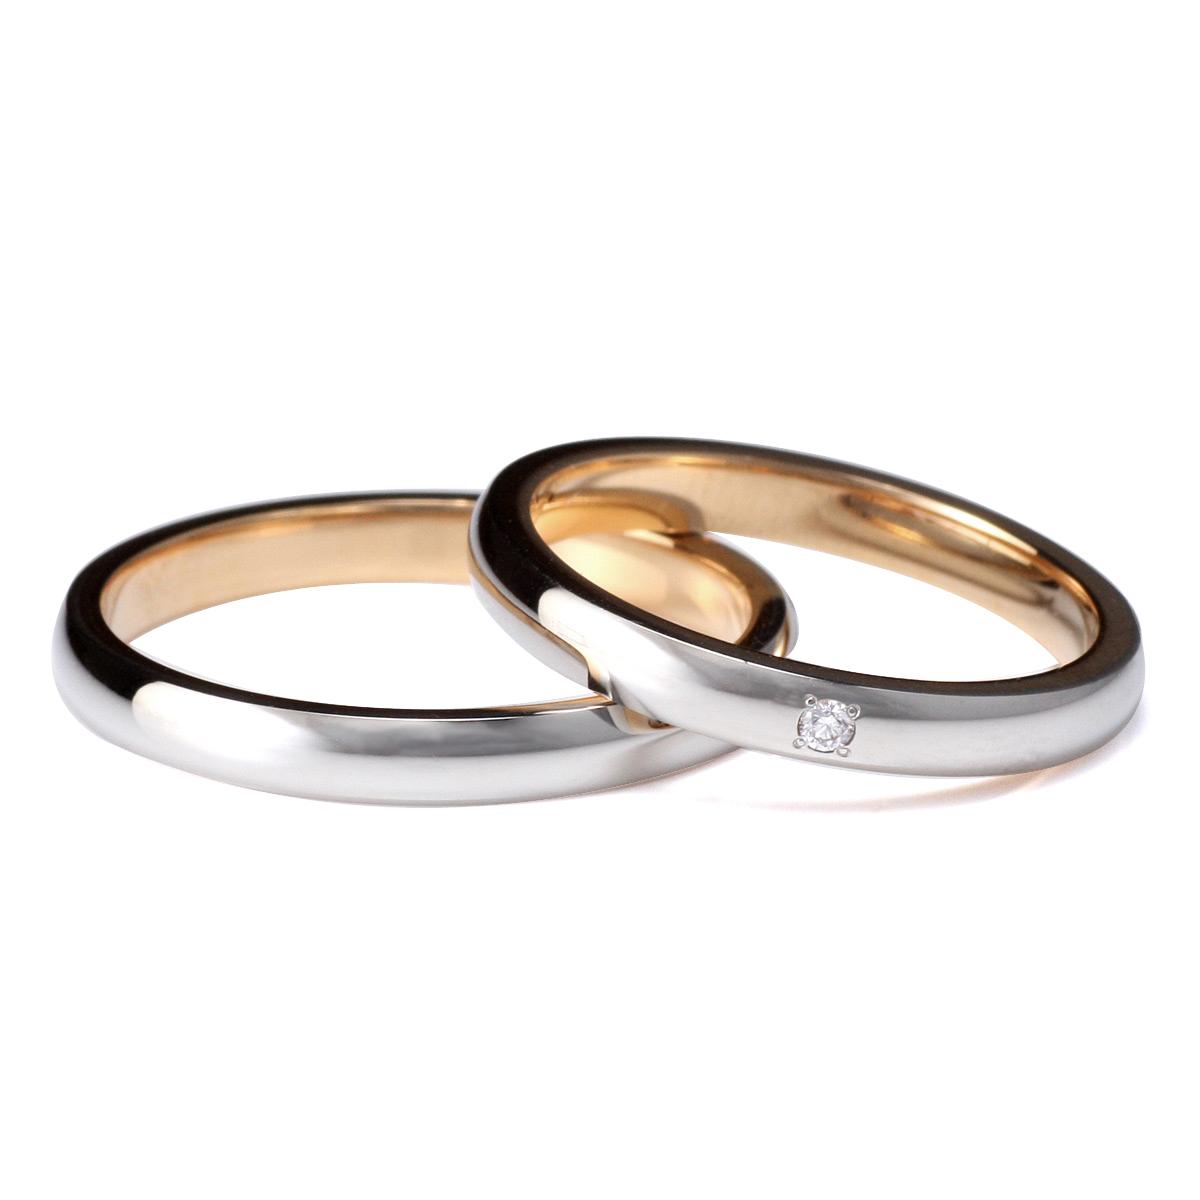 ラッピング無料 結婚指輪 マリッジリング ペアリング ダイヤモンド 2本セット